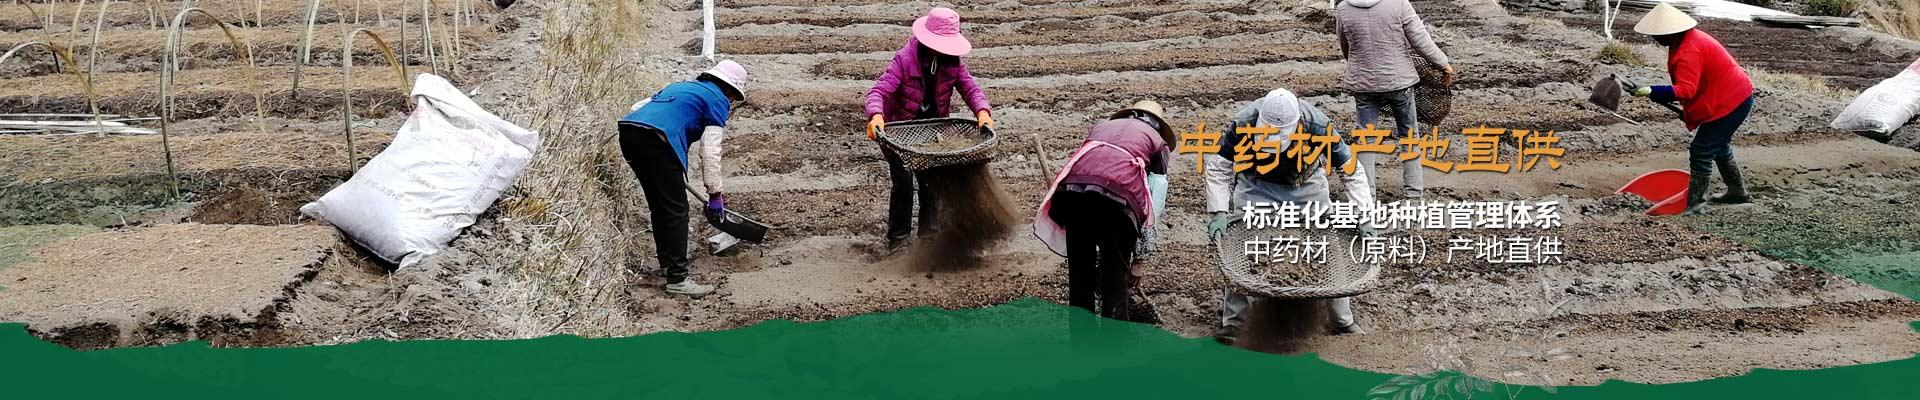 昂可达-标准化基地种植管理体系 中药材(原料)产地直供